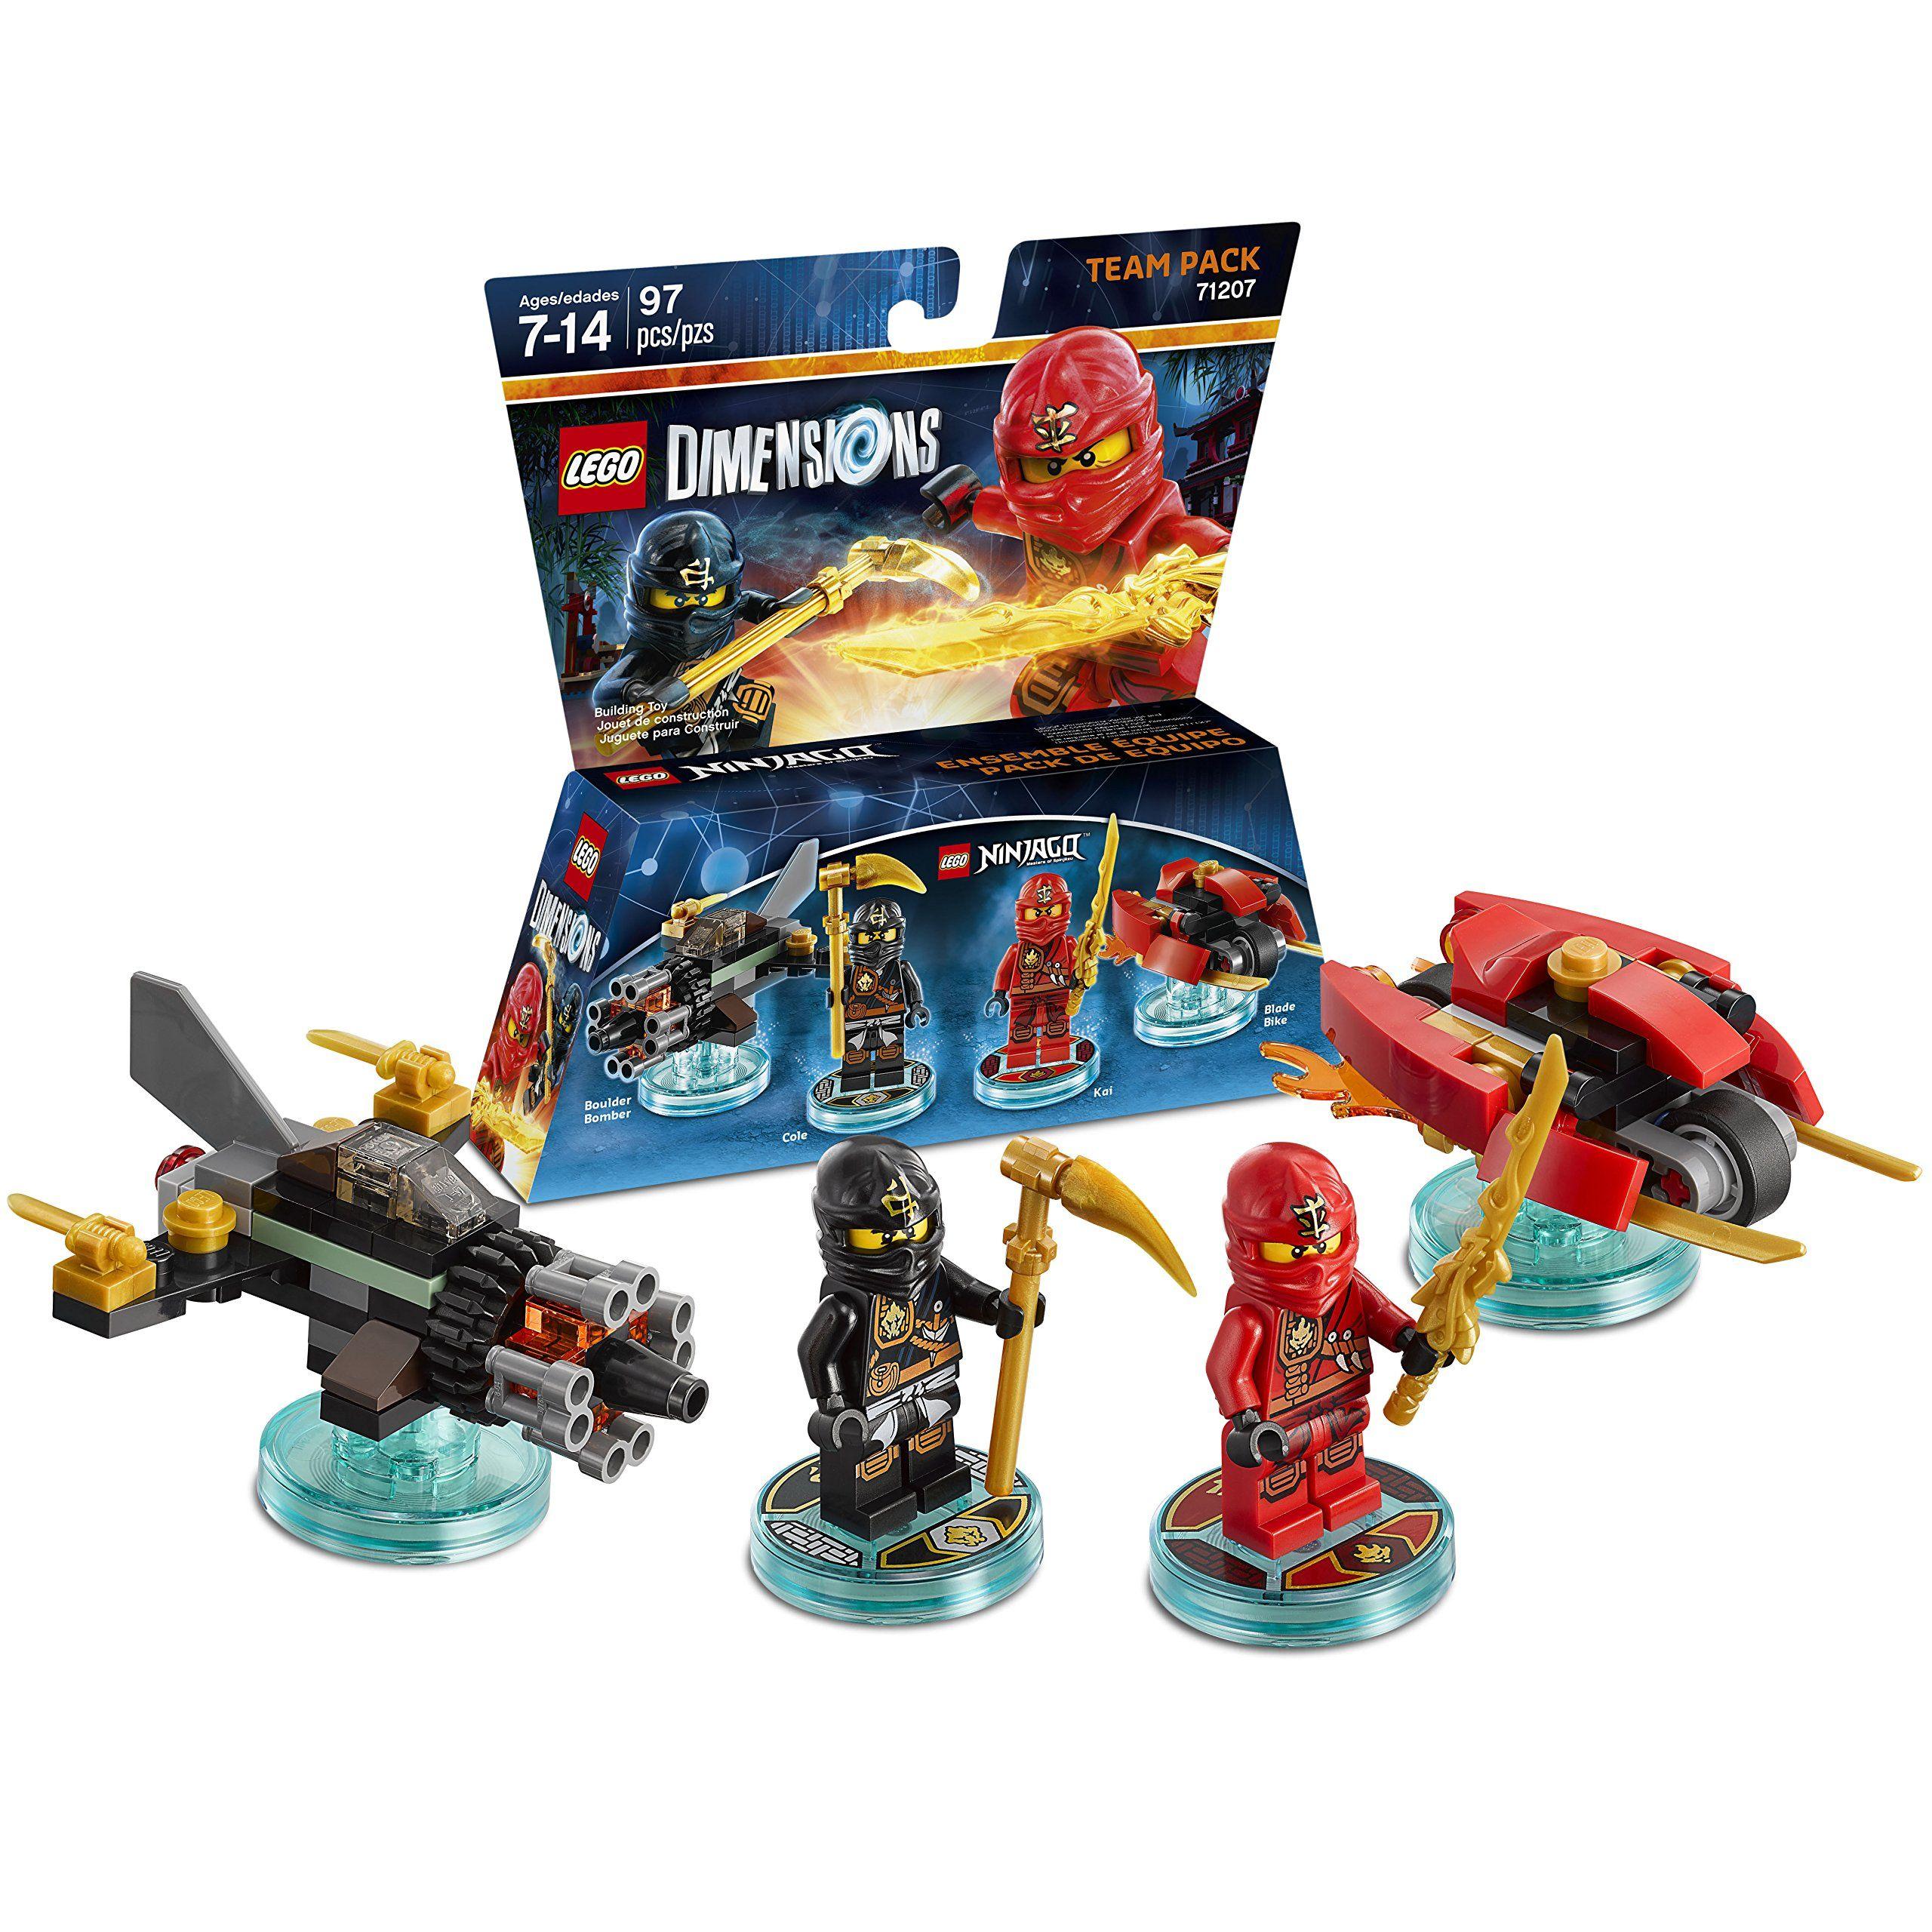 Team Dimensions Lego Ninjago Pack Ninjago FTcJl1K